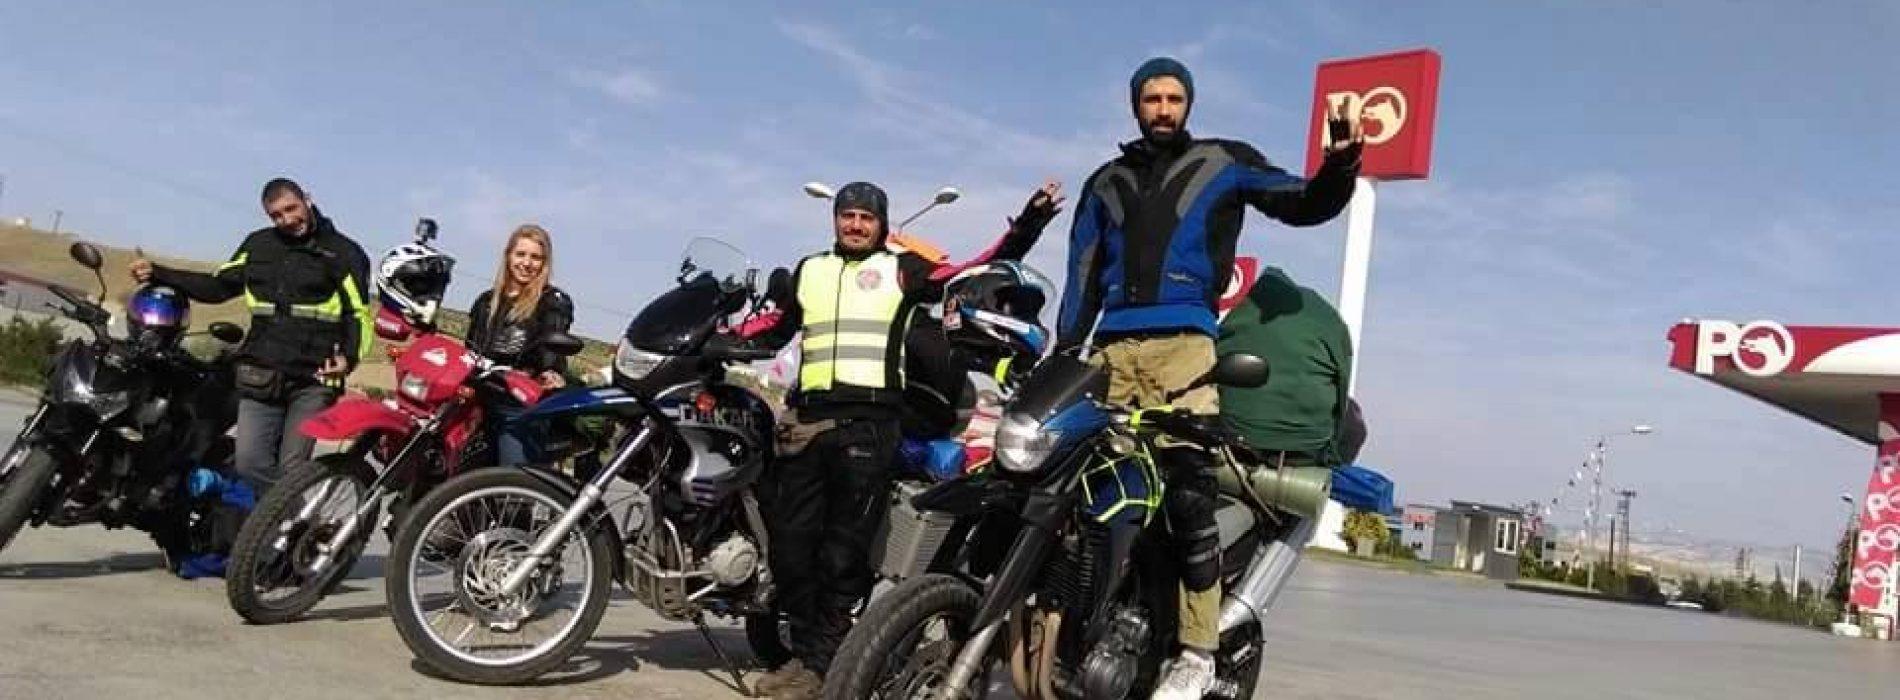 MotoRail | Motosikletli Gezginler Kimdir